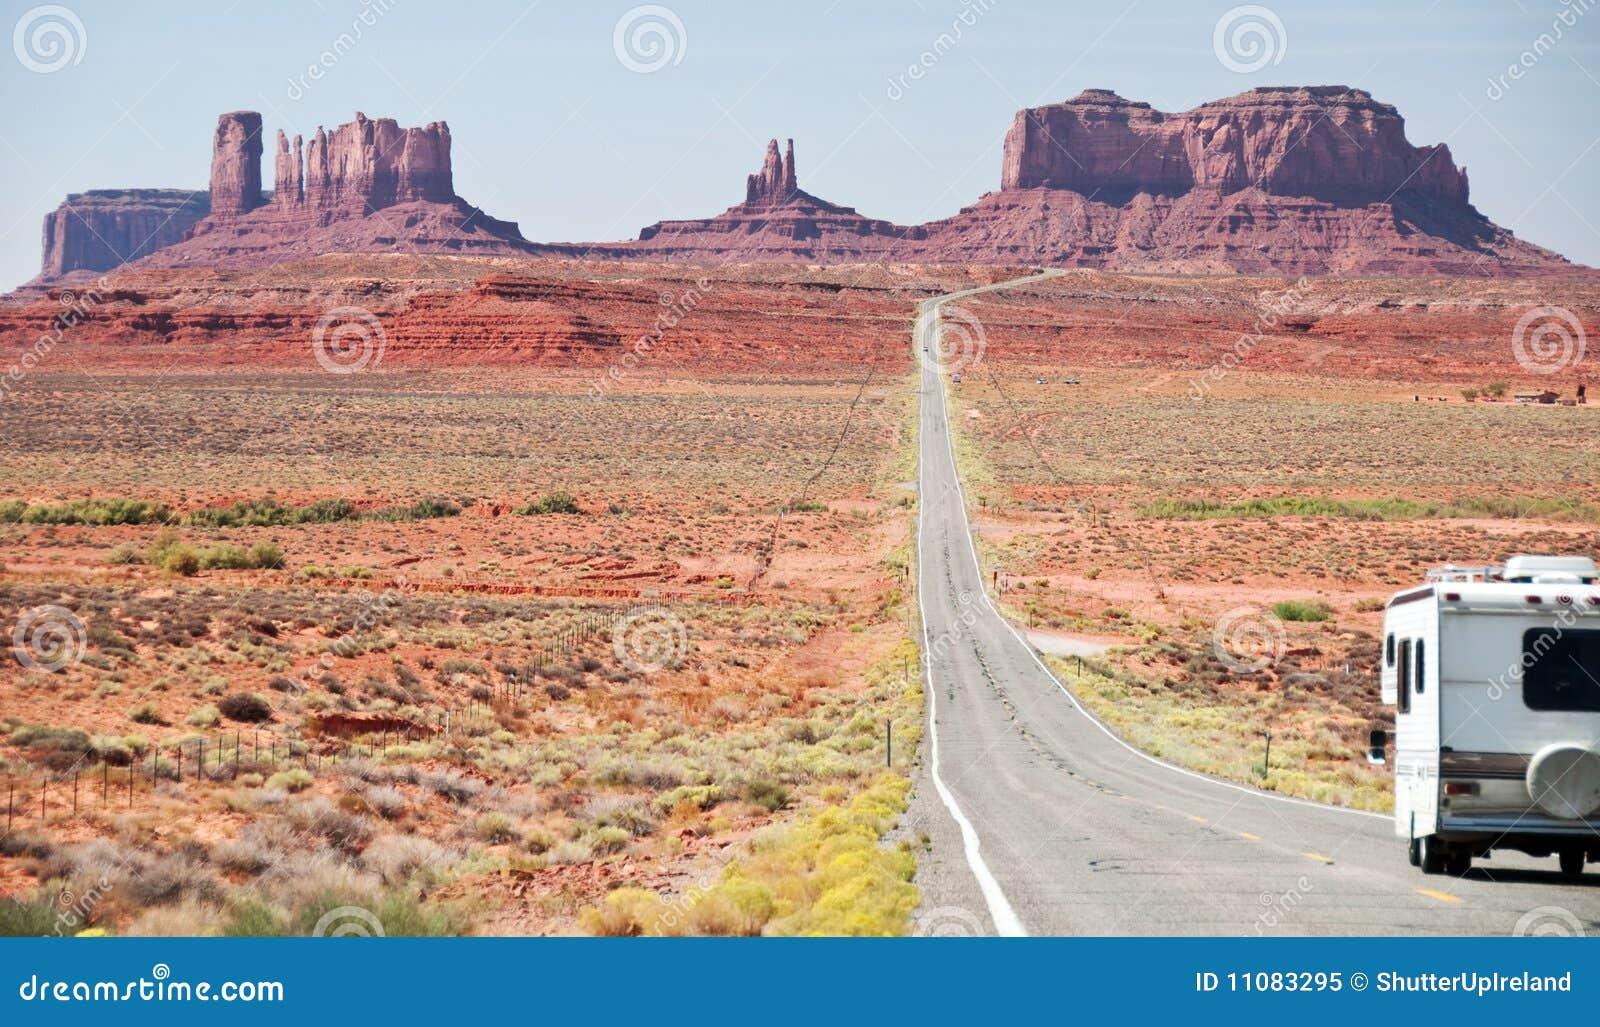 Valle del monumento del motorhome de rv que entra, Utah